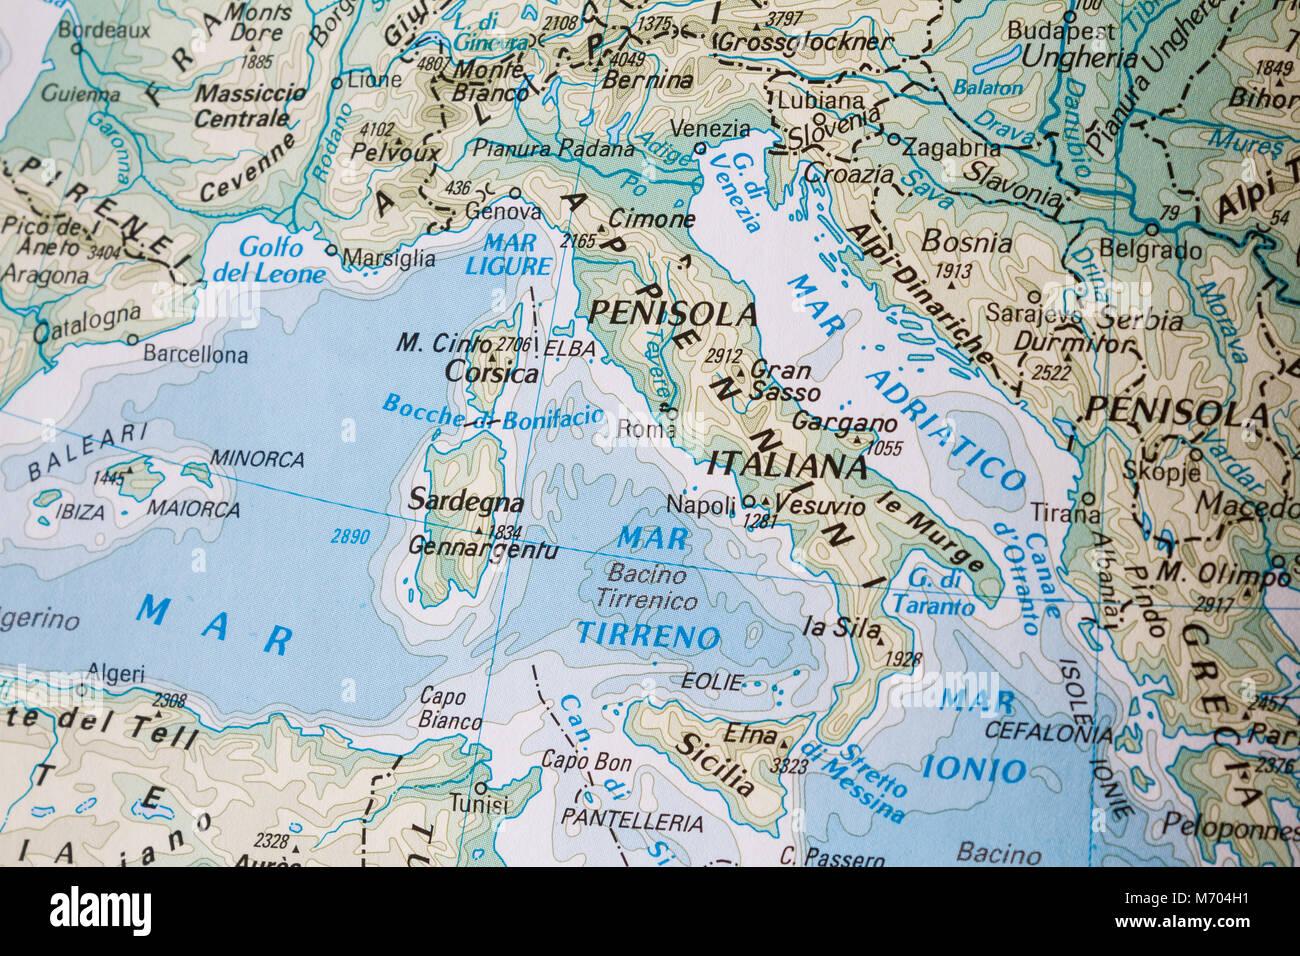 Europa Fisica Cartina Da Stampare.Mappa Fisica Immagini E Fotos Stock Alamy